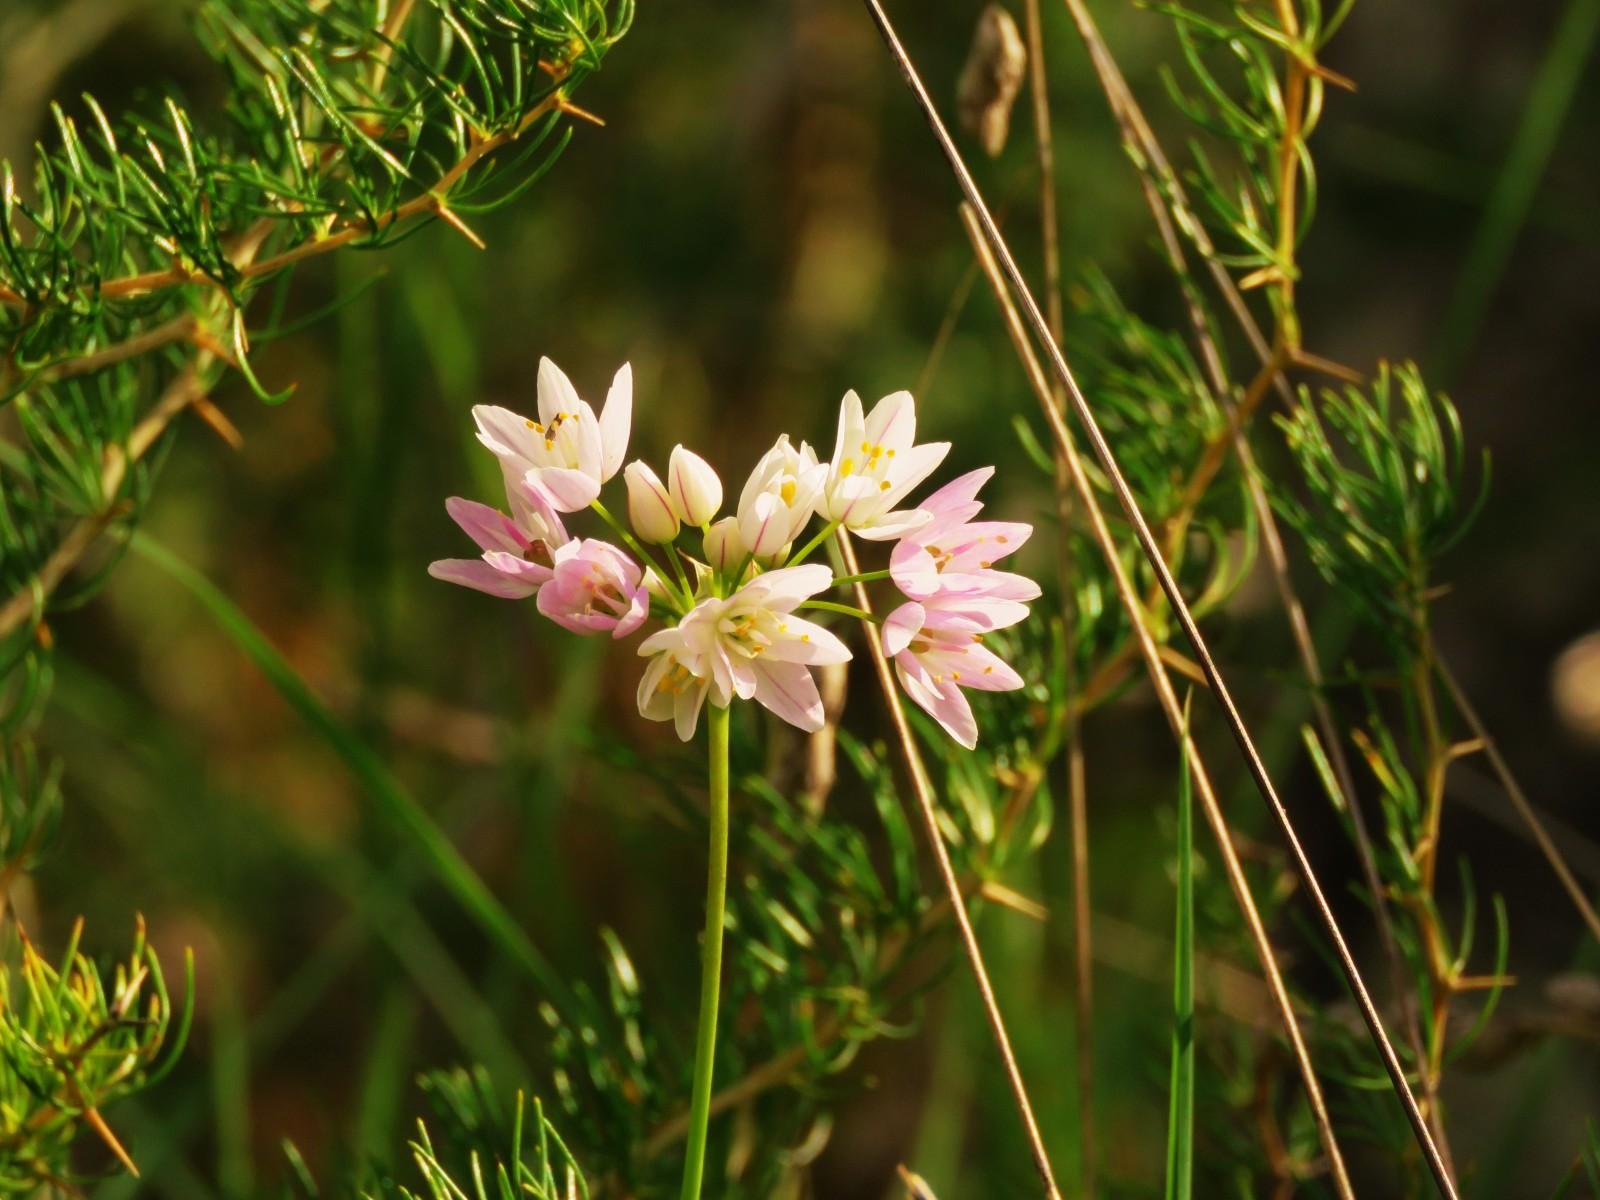 Alium-roseum-Rosy-Garlic DK:Rosenrød hvidløg. Sted: lige uden for gærdet mod nord.